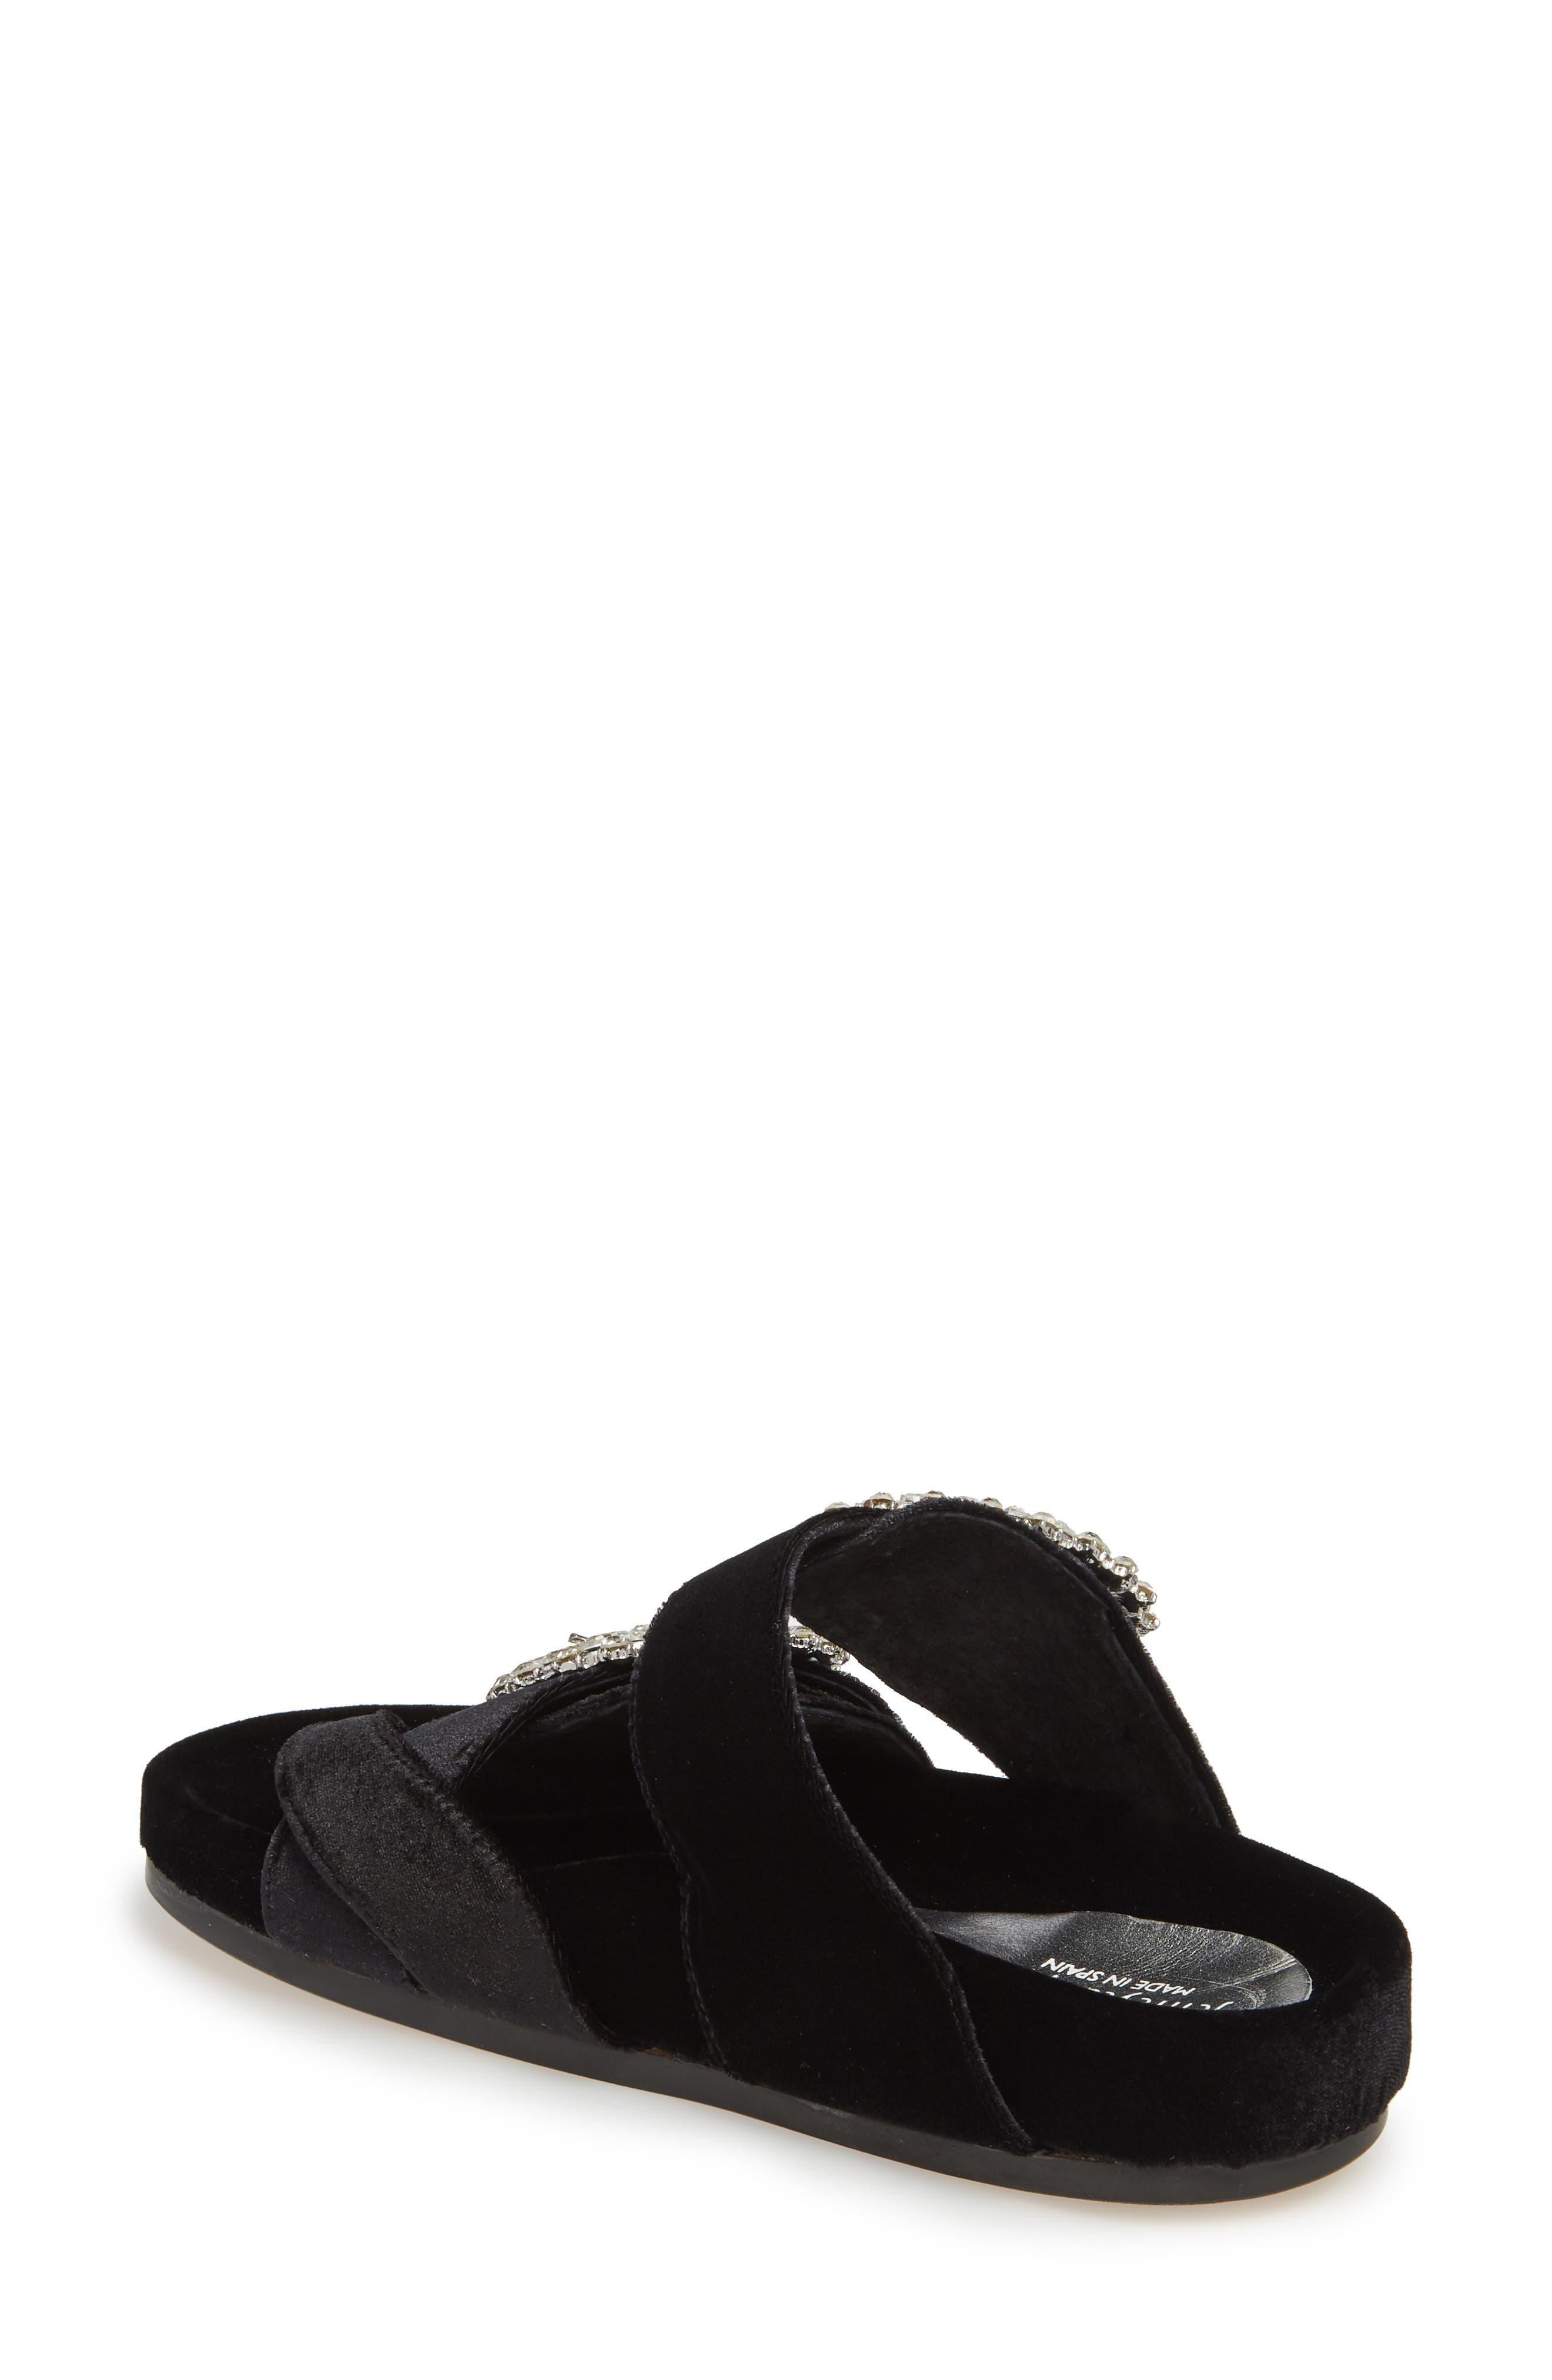 Maui2 Sandal,                             Alternate thumbnail 2, color,                             Black Velvet/ White